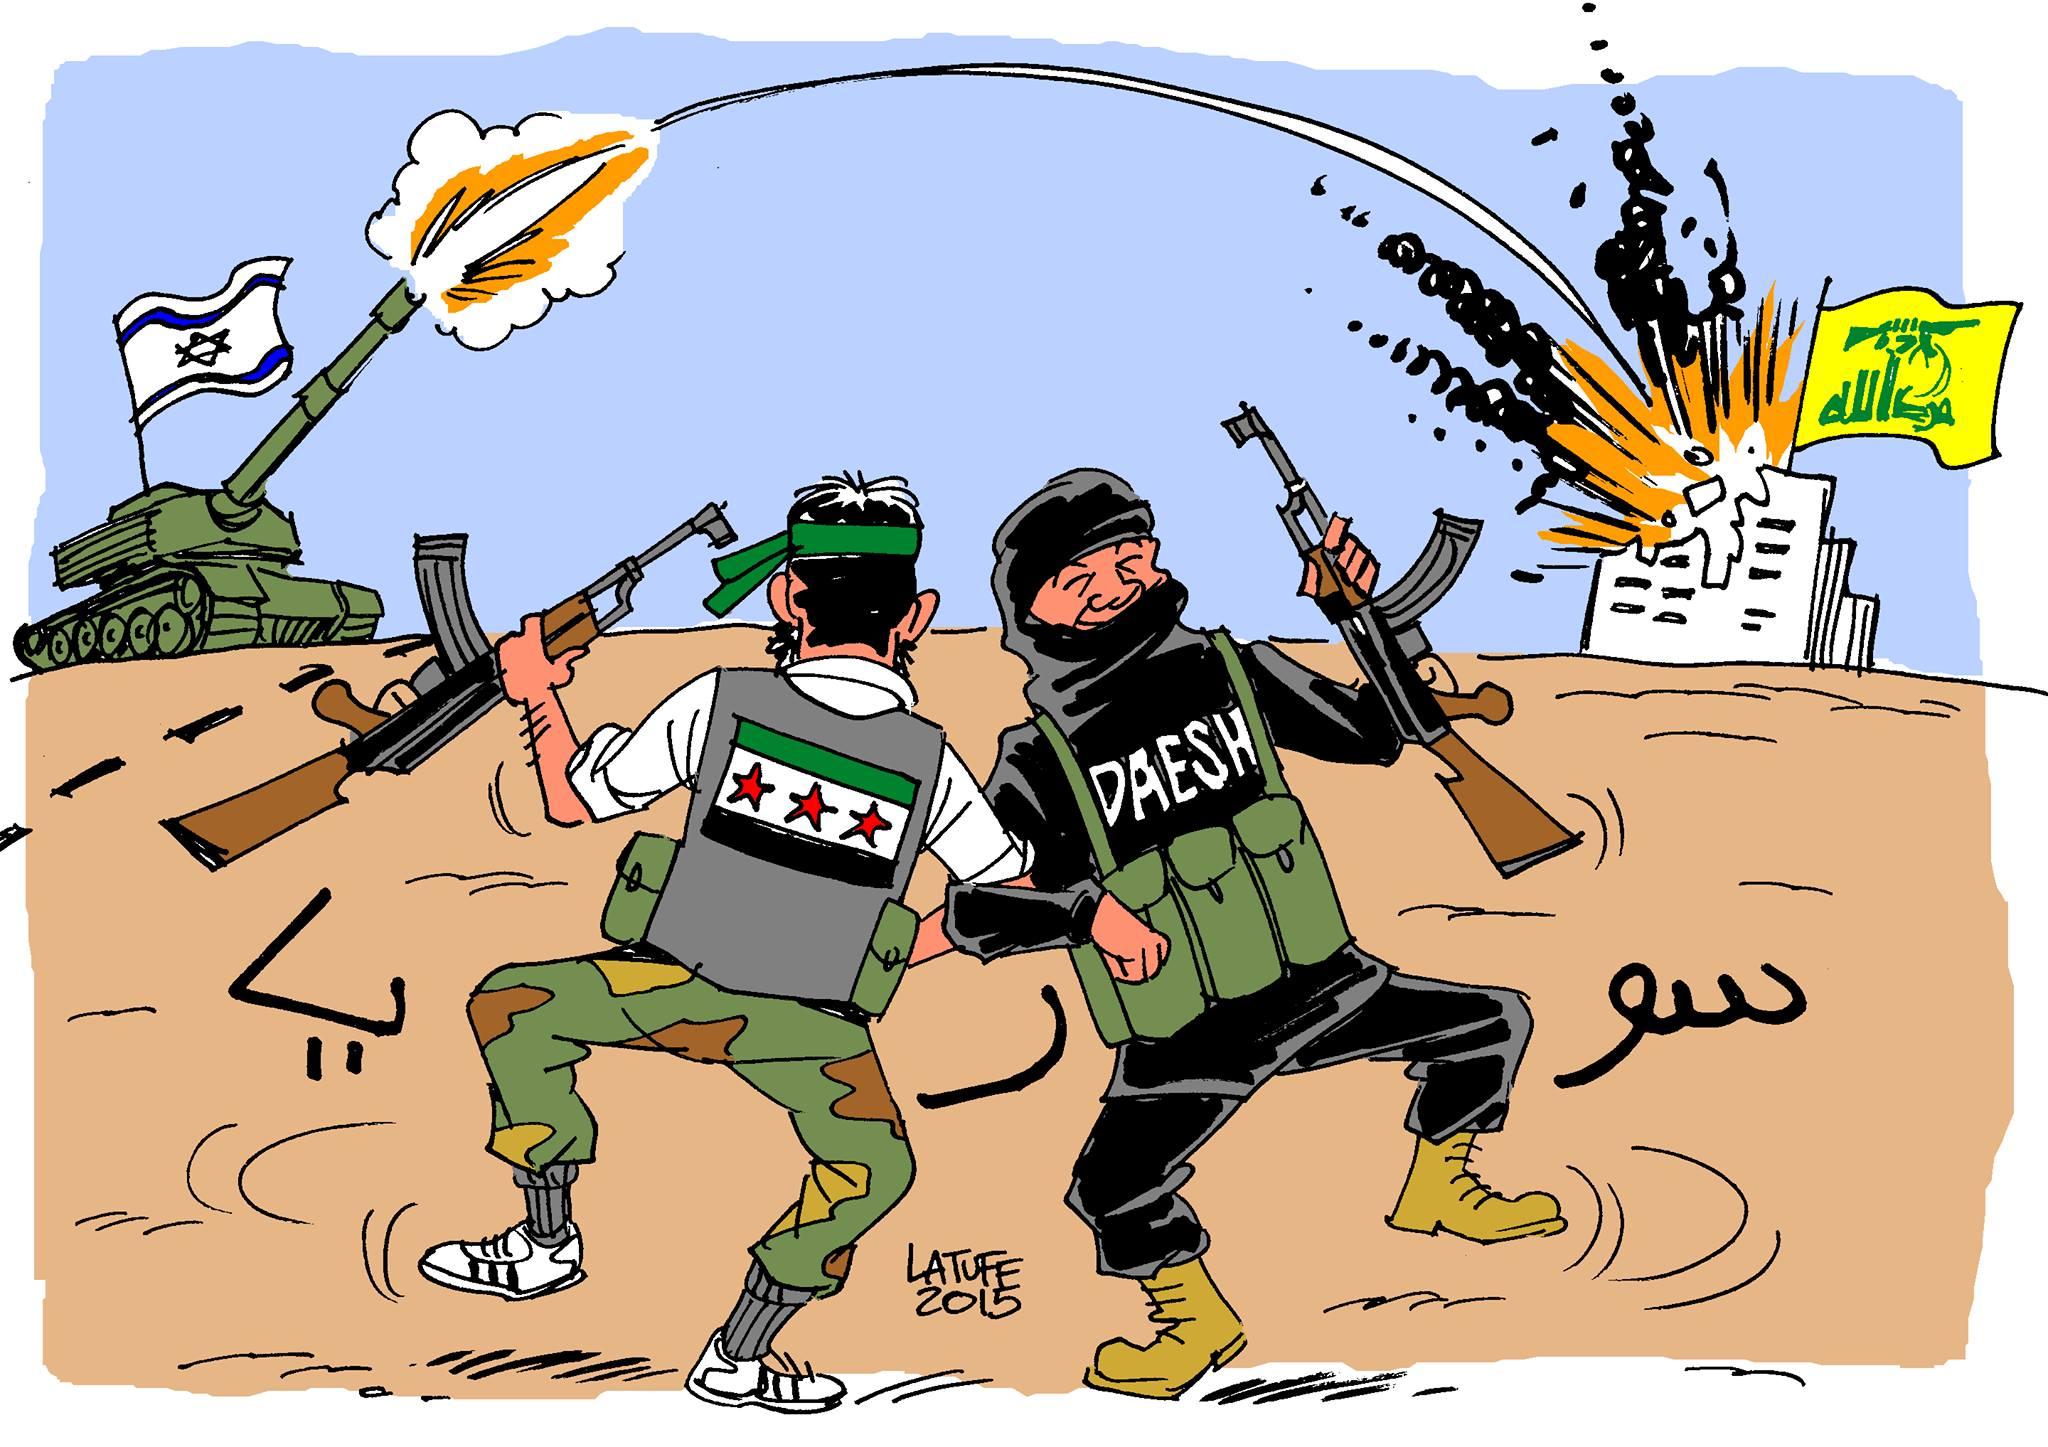 οιος πανηγυρίζει για τον ισραηλινό πύραυλο που σκότωσε στέλεχος της Χεζμπολά στη Δαμασκό; Μα φυσικά οι αντίπαλοι του συριακού καθεστώτος, δηλαδή το Ισλαμικό Κράτος και οι «μετριοπαθείς» ισλαμιστές, εναντίον των οποίων μάχεται και η Χεζμπολά (σκίτσο του Latuff).